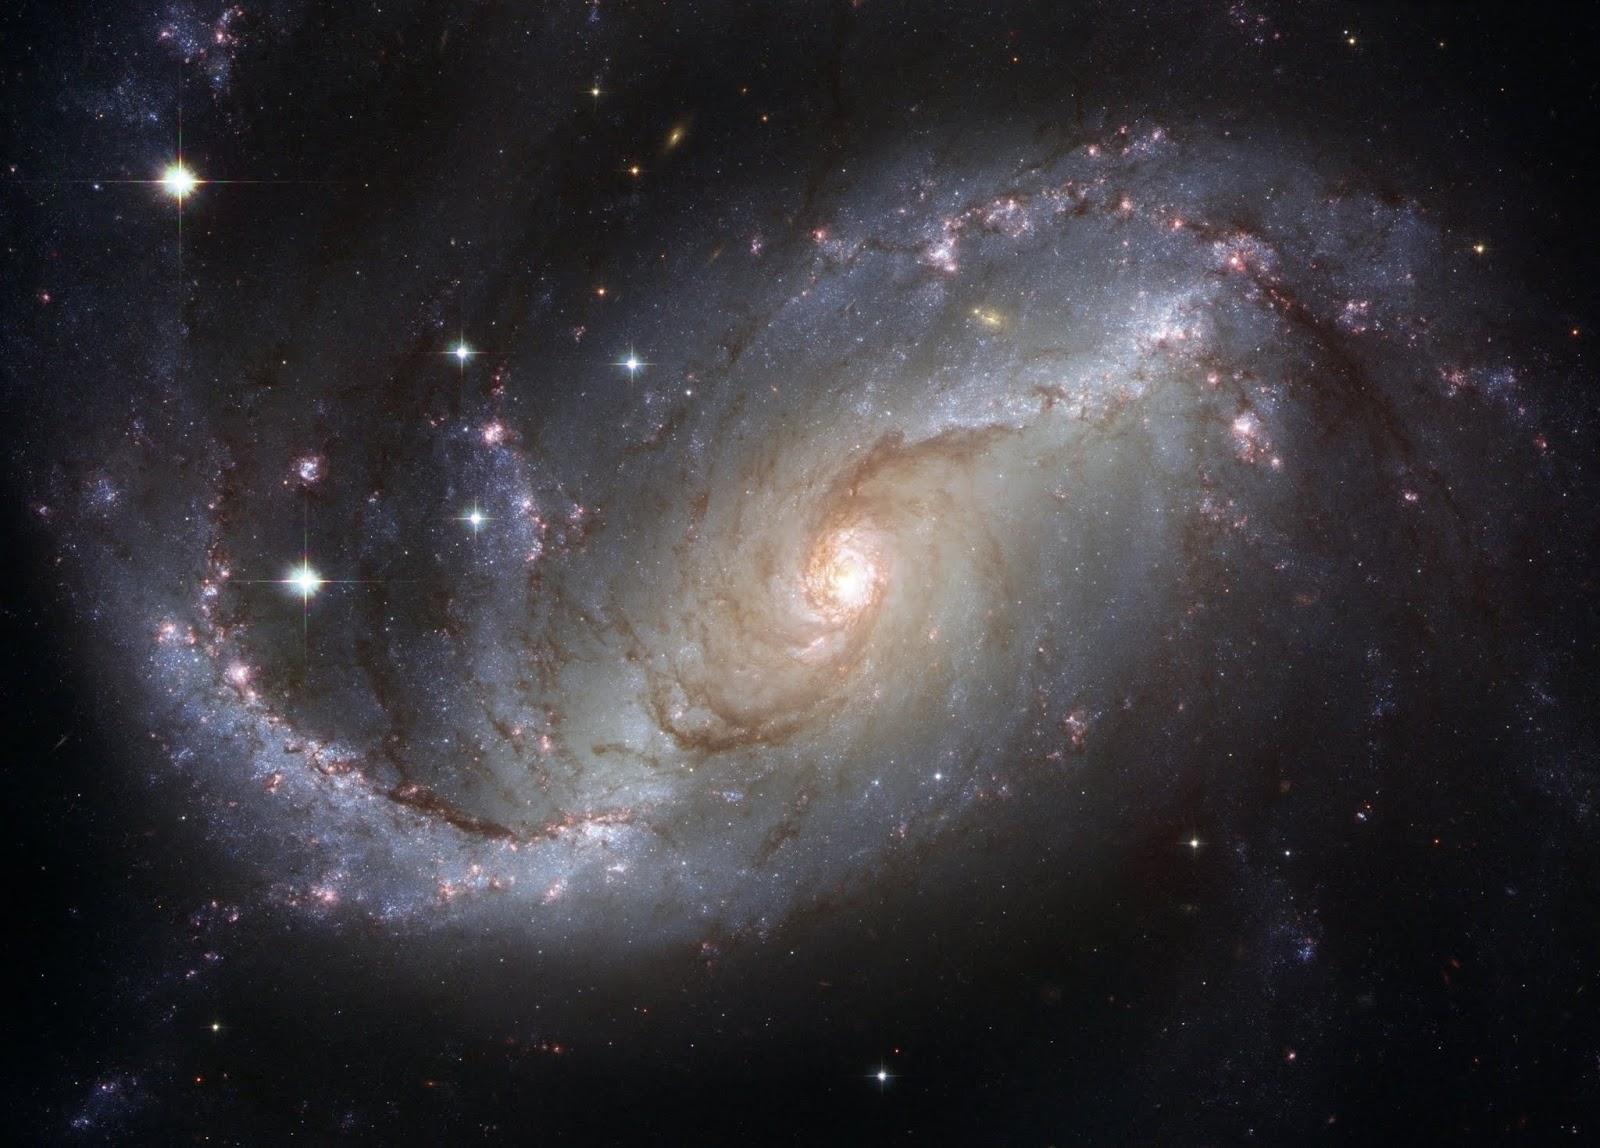 الفضاء,حقائق,مجرة درب التبانة,أسئلة,ثقافية,الأرض,الشمس,العالم,غرائب,الكون,مجرة اندروميدا,معلومات,الكواكب,عملية غزو الفضاء,الكون الواسع,بداية,المجد,أسئلة عن شهر رمضان,صور مزيفة للفضاء,الشيعة,حقائق عجيبة عن الفضاء,١٠ حقائق مذهلة عن الفضاء